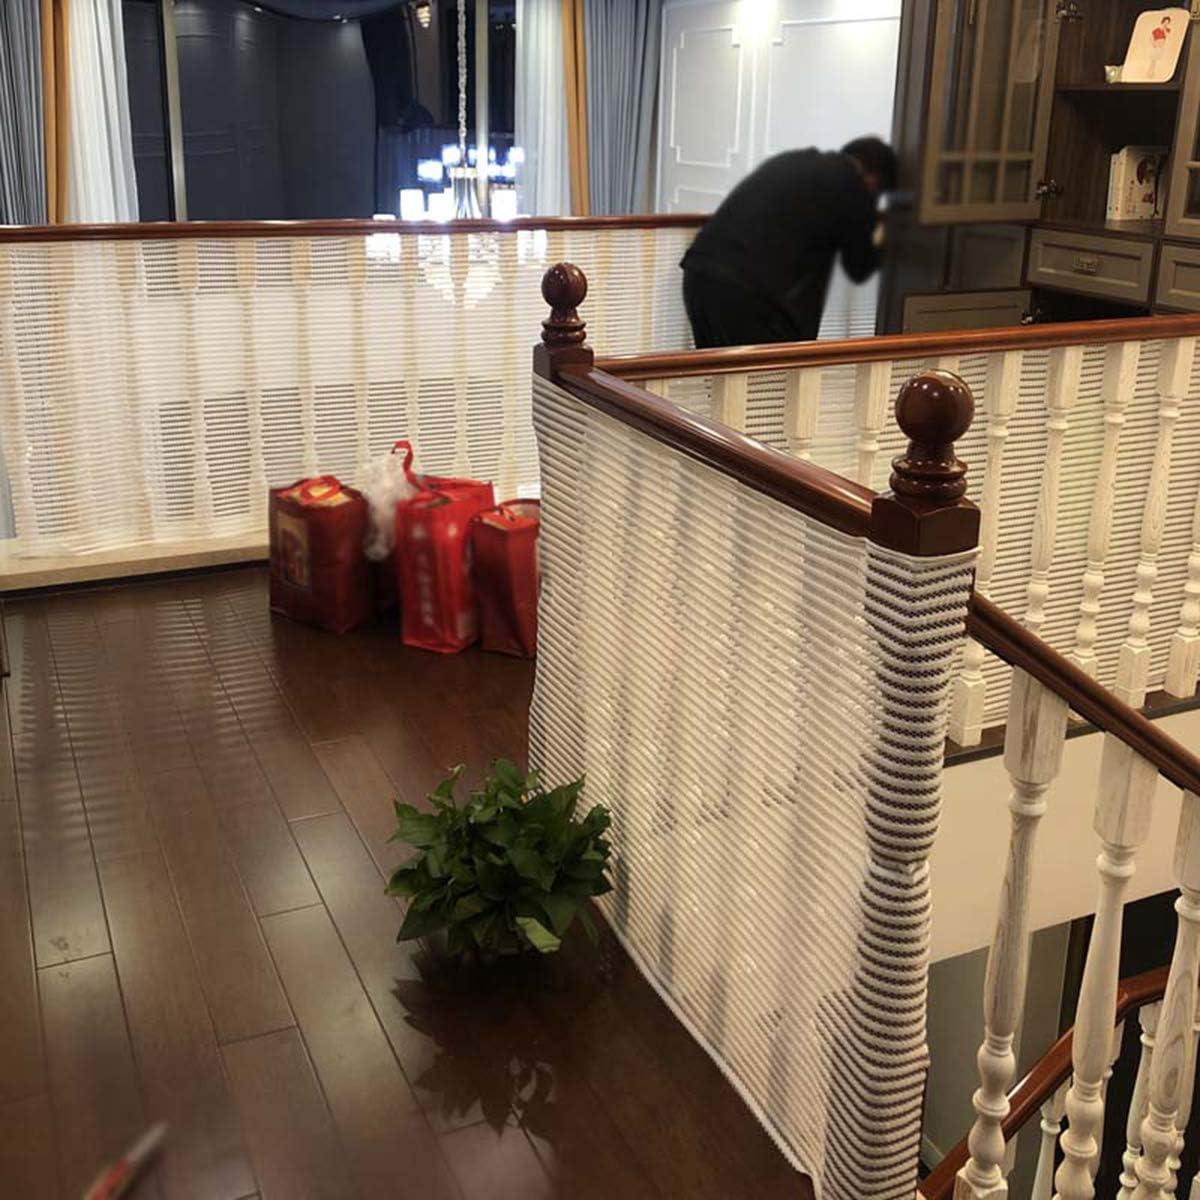 HQPCAHL Red De Seguridad Red De Protecci/ón Duradero Red De Seguridad Escaleras Malla Tejida para Escaleras Balcones Terrazas Puertasventanas Beb/é Mascota